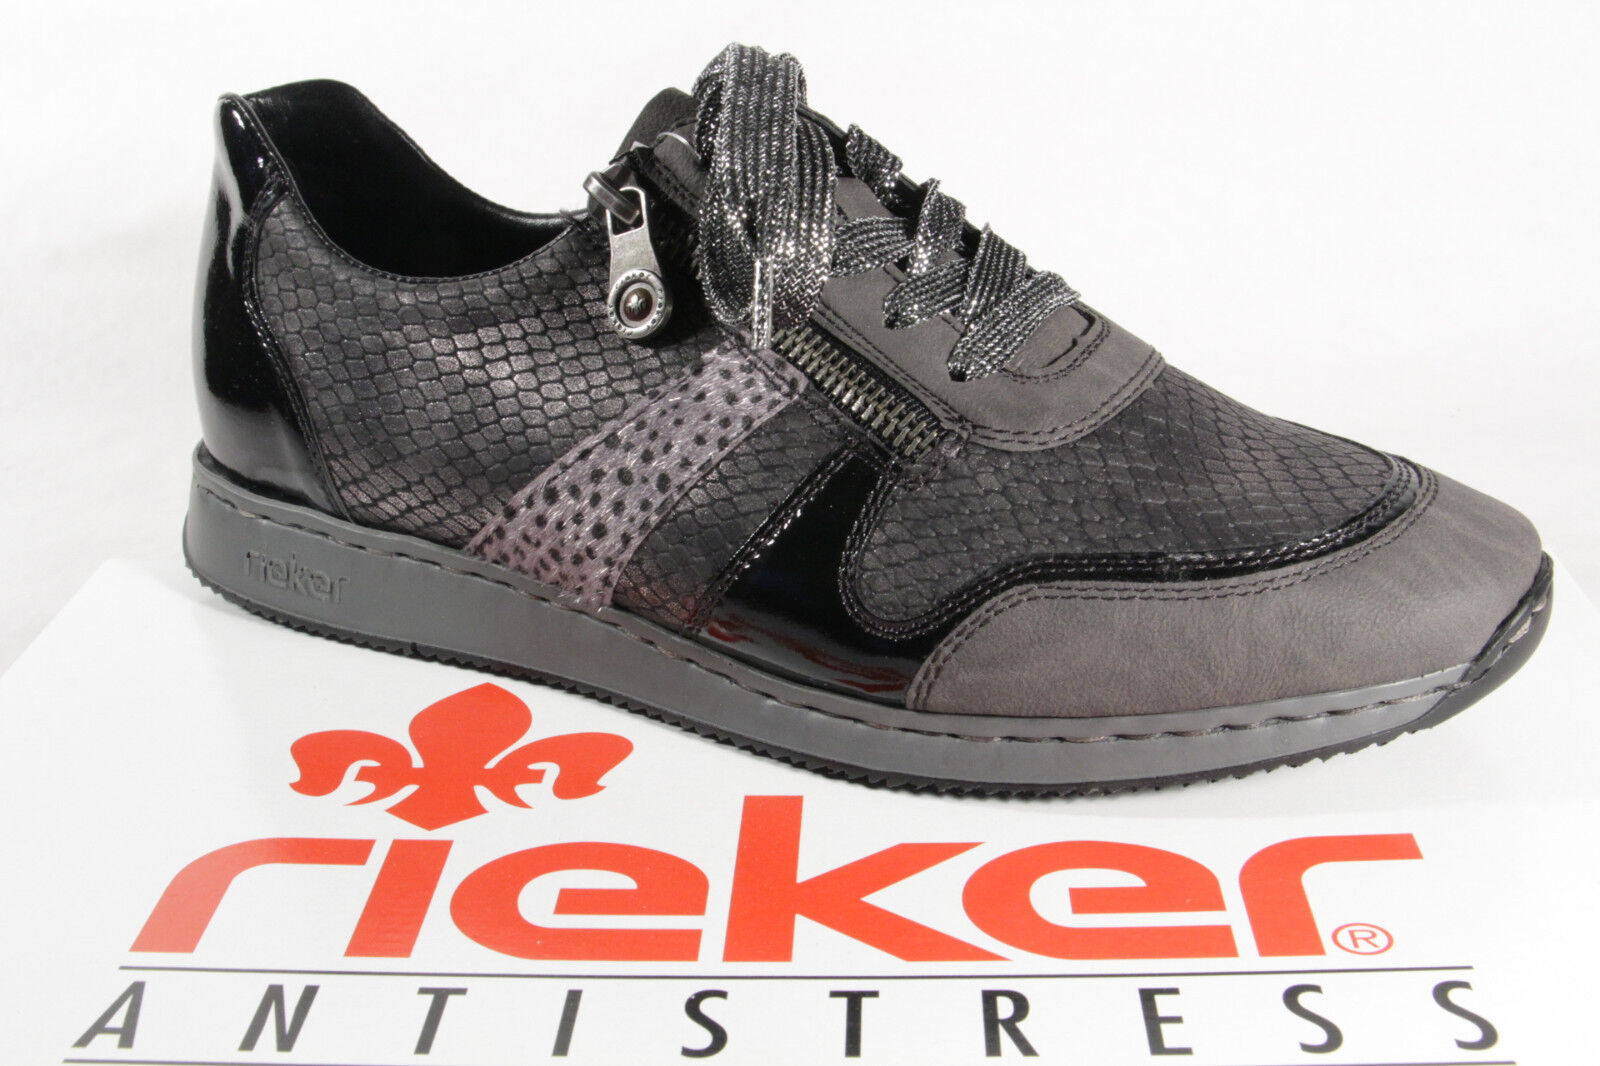 Rieker Lacci scarpe da Donna, Scarpe basse, scarpe Lacci da ginnastica, Grigio, Nuovo! 1ad02a